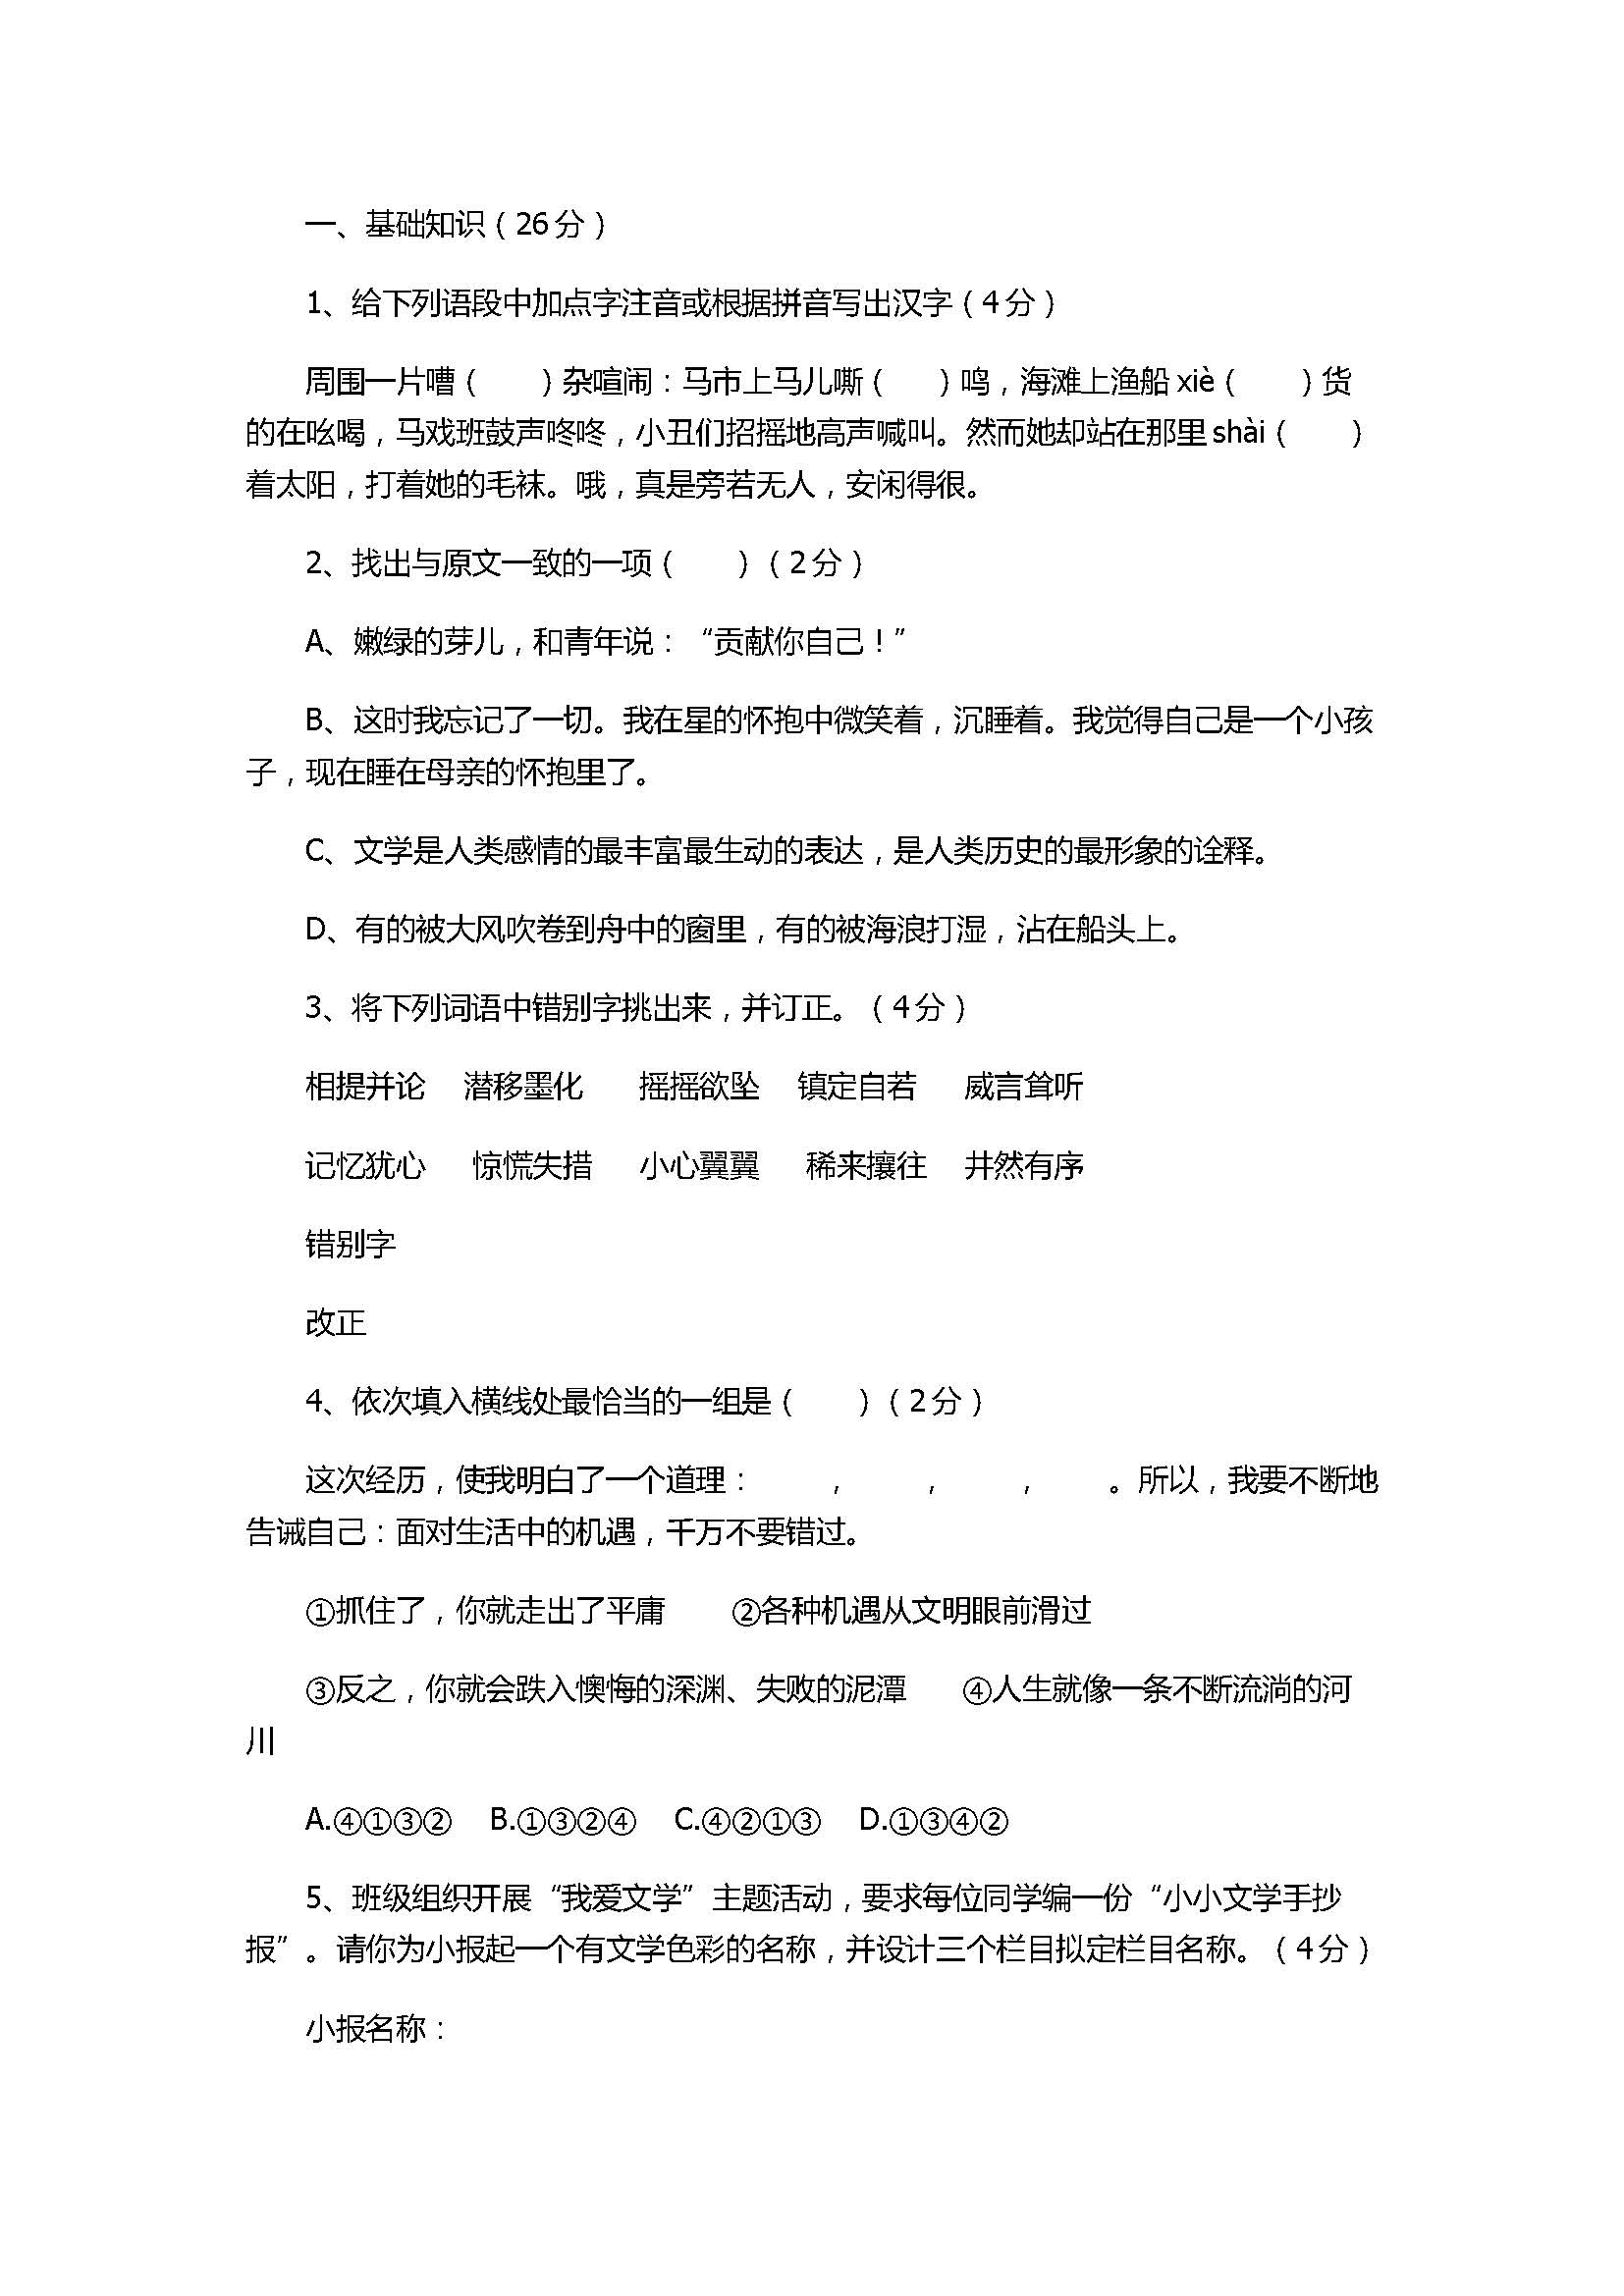 苏教版2017七年级语文上册月考试卷附答案( 江苏省镇江市京口区)